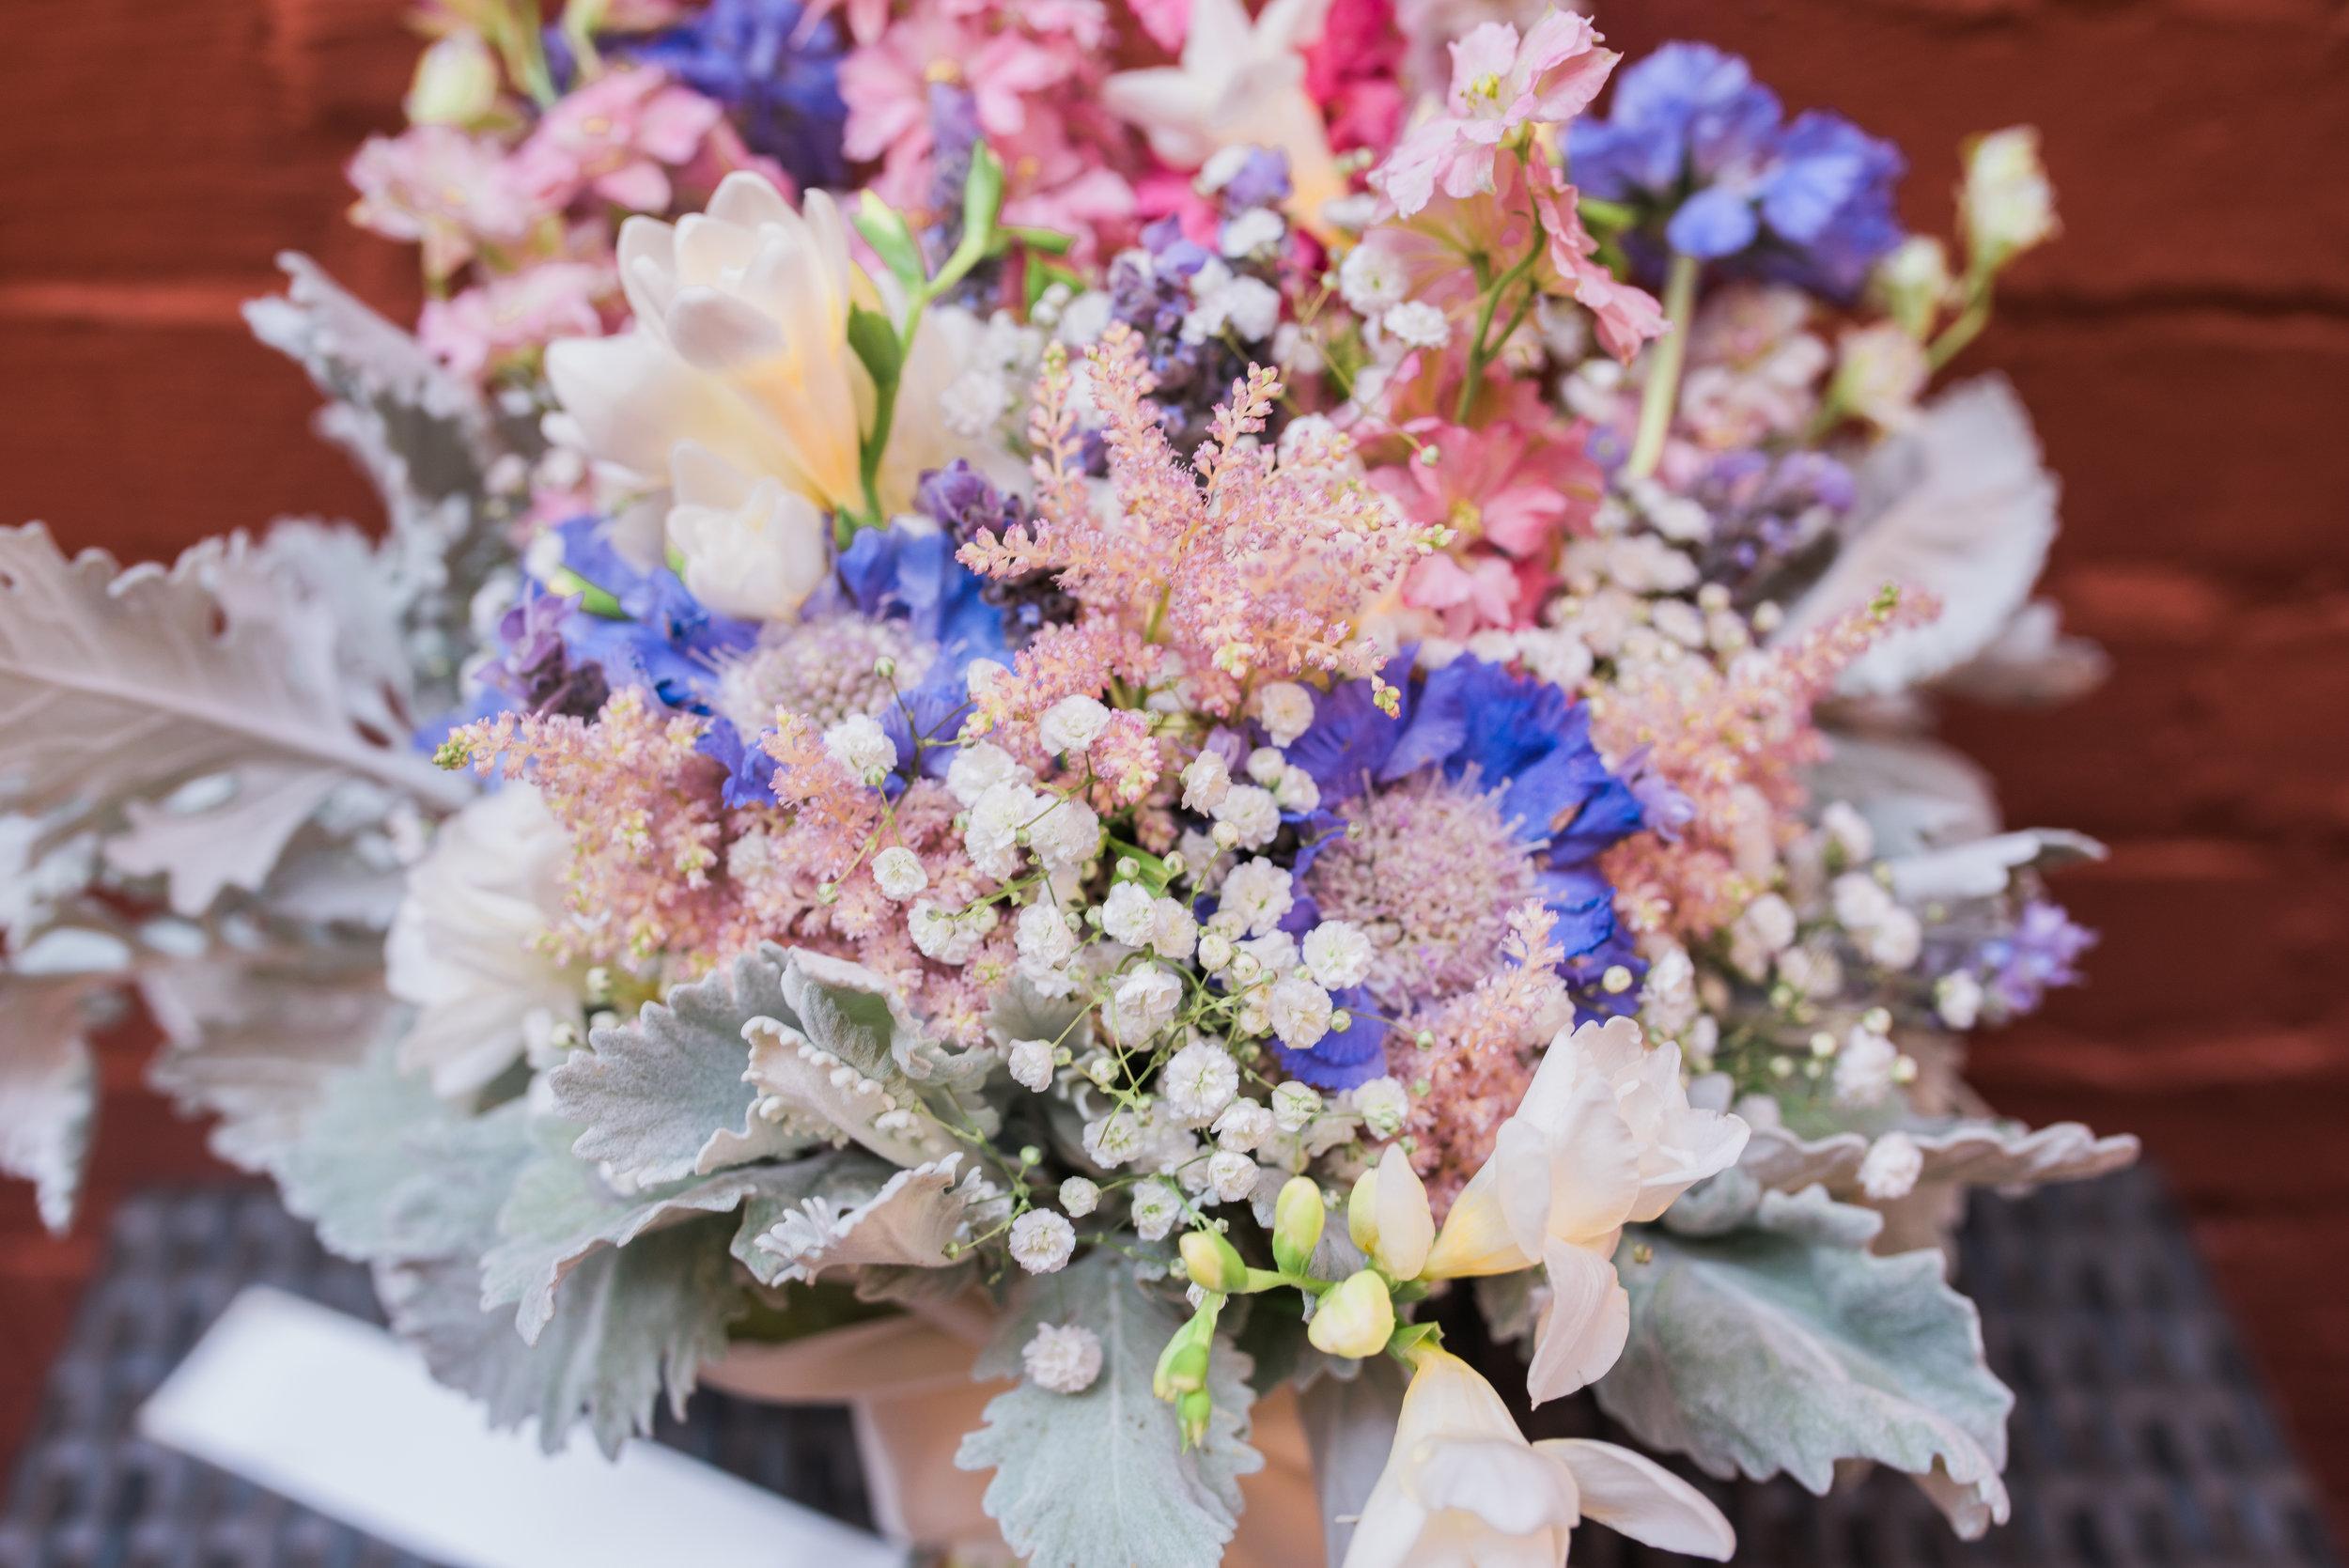 Matt+Becky Wedding - Bouquet 2.jpg